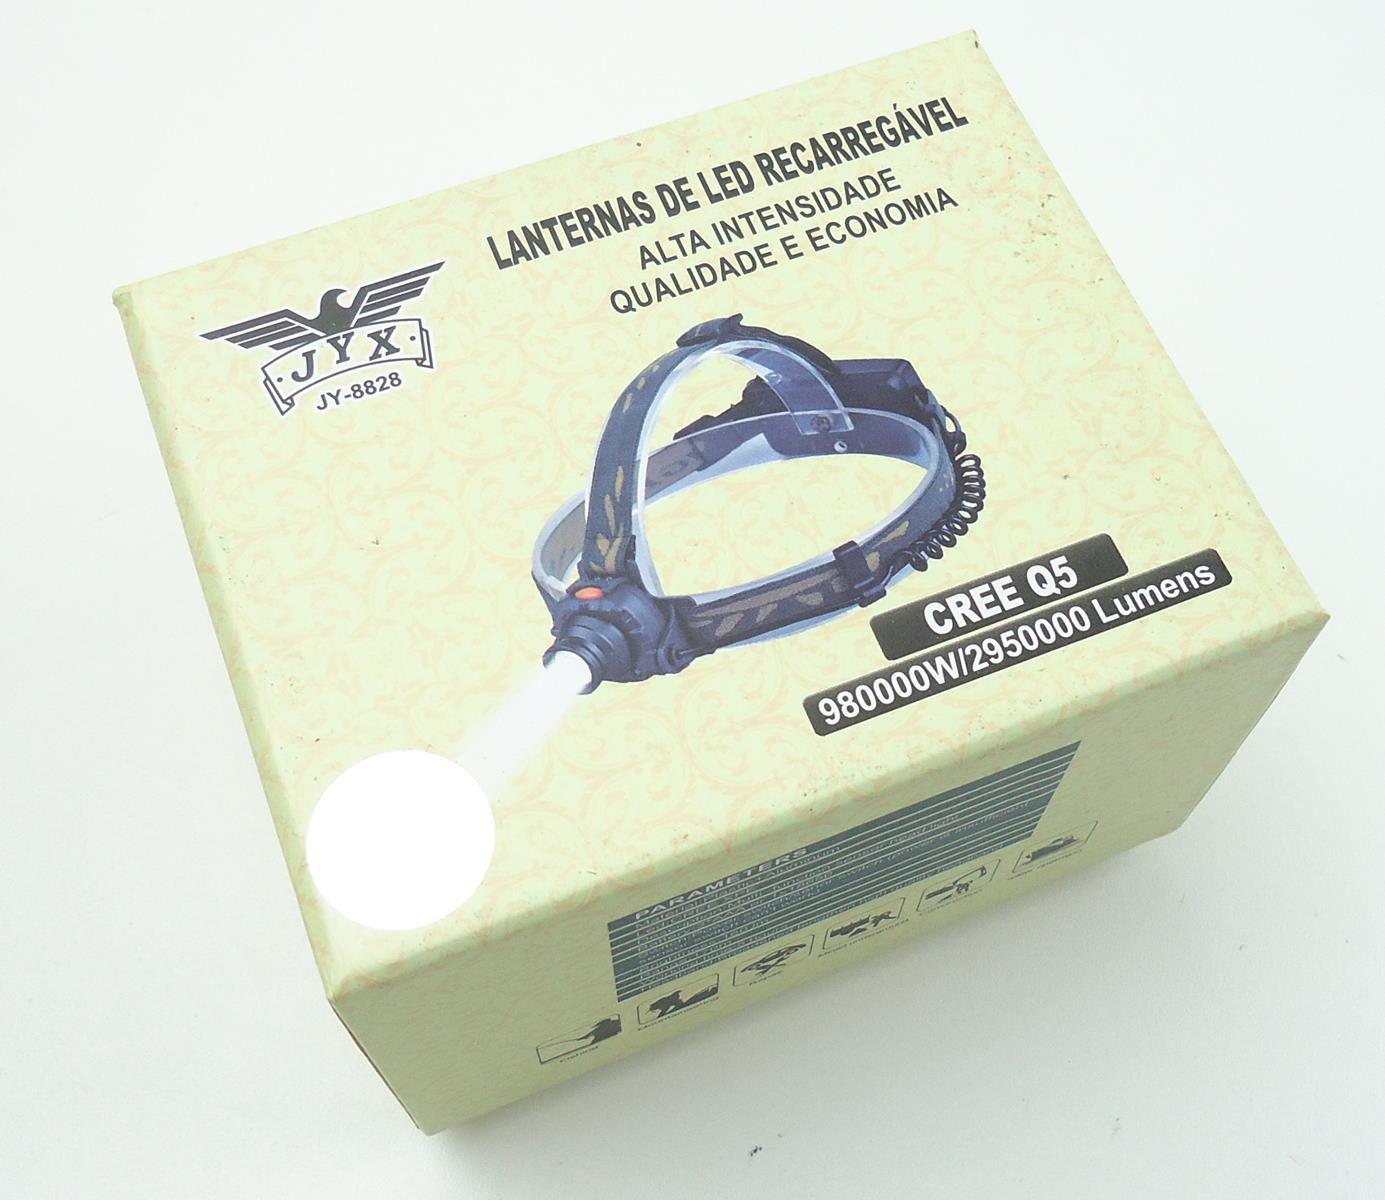 Lanterna Farol De Capacete com Super Led Cree Q5 JWS JY-8828 Bateria Recarregável Fixação Na Cabeça